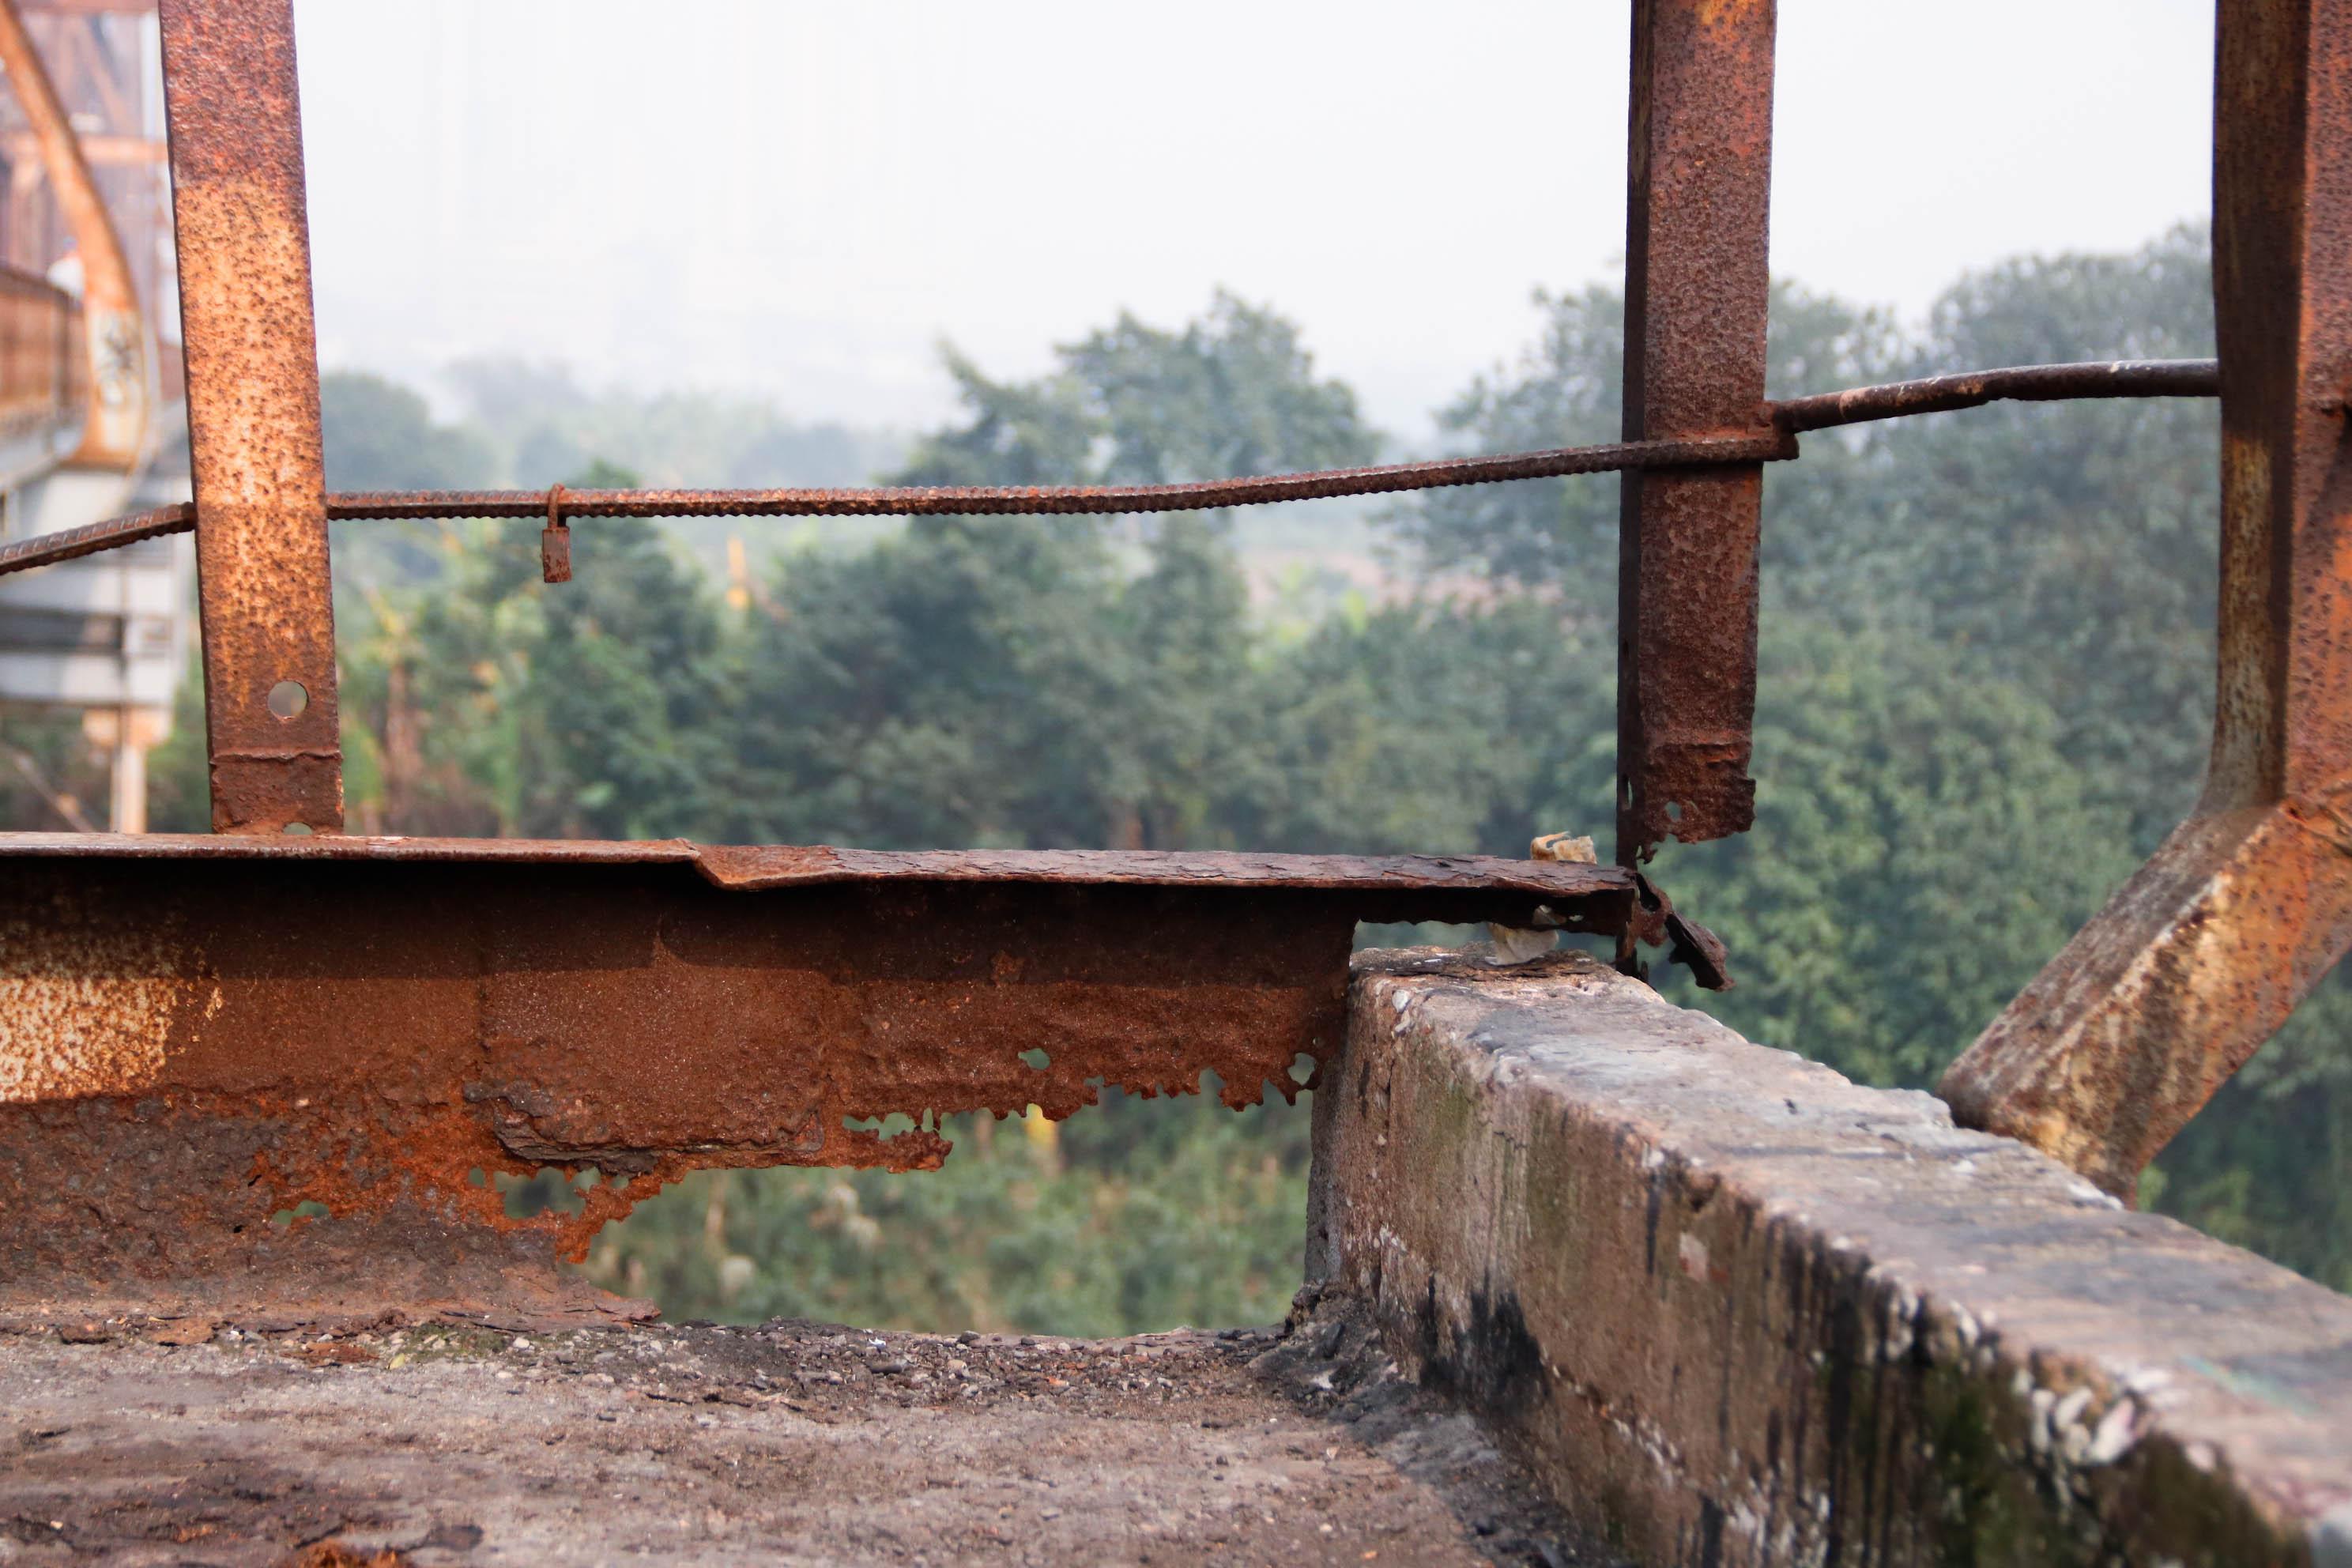 Cầu Long Biên xuống cấp đến không ngờ, mặt đường bị cày xới khiến người dân đi lại gặp nhiều khó khăn - Ảnh 13.